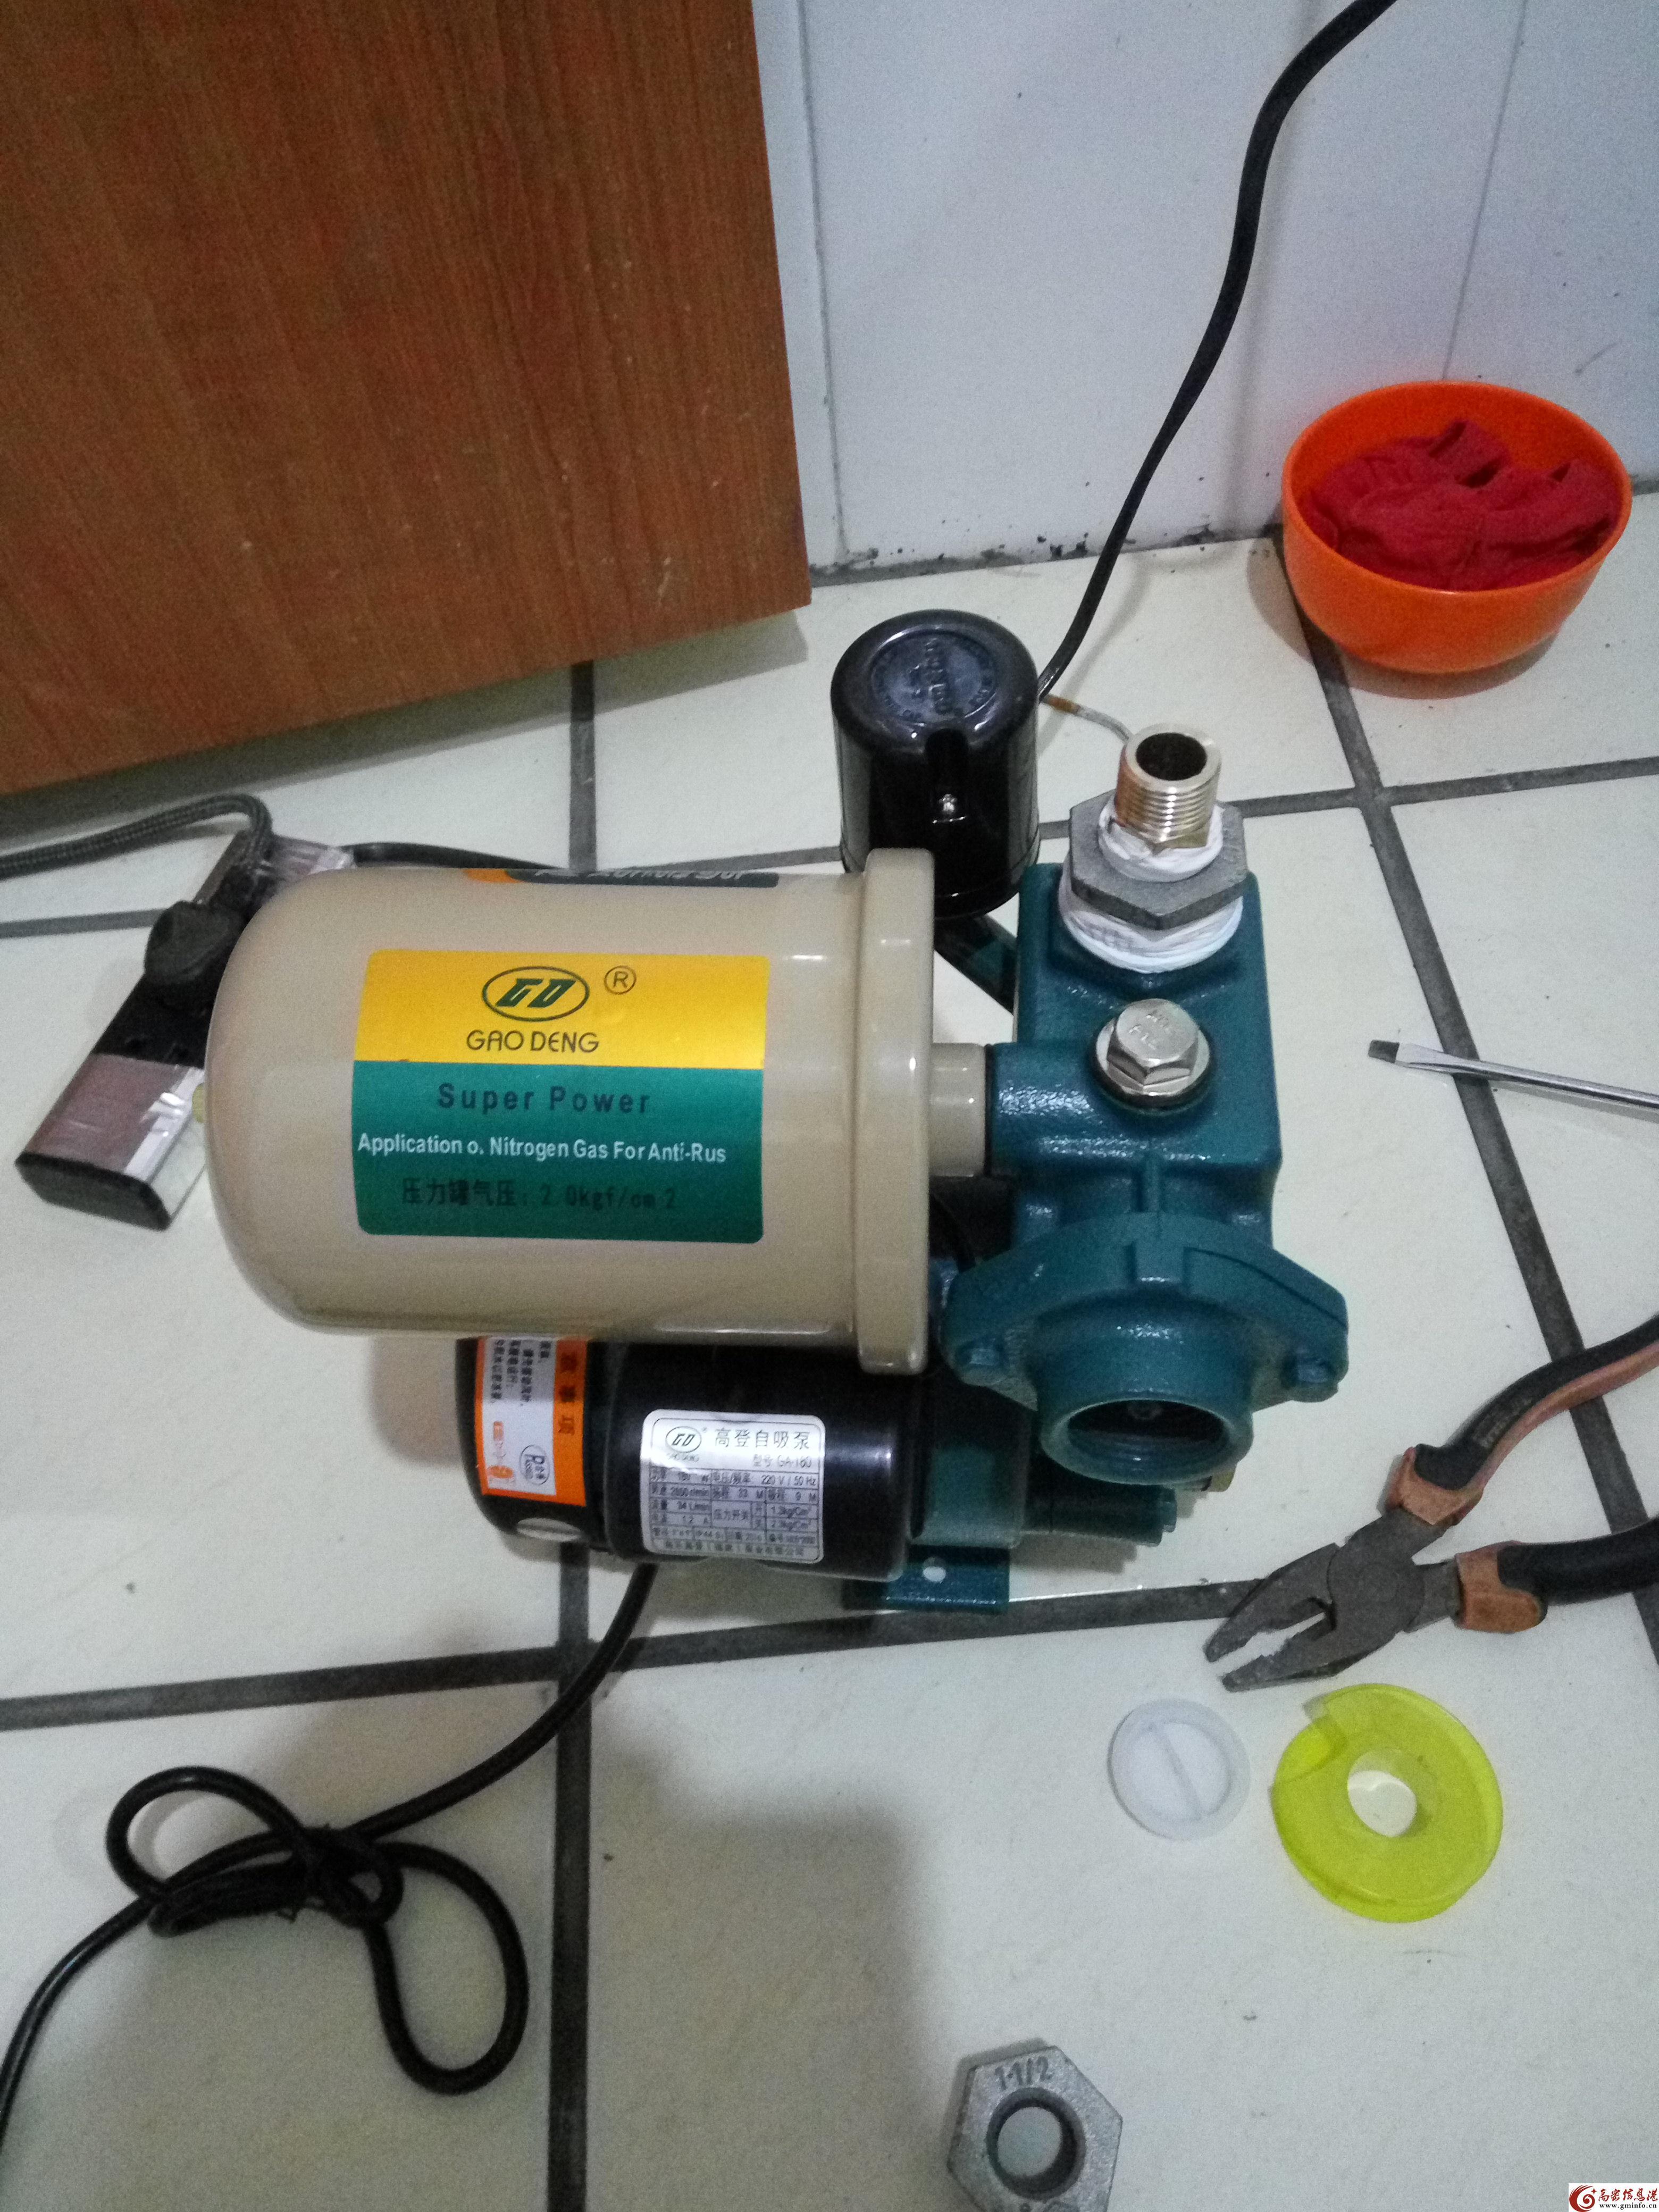 改水管 加增压泵 清洗地暖 维修马桶 空调移机 水钻打孔 热水器安装